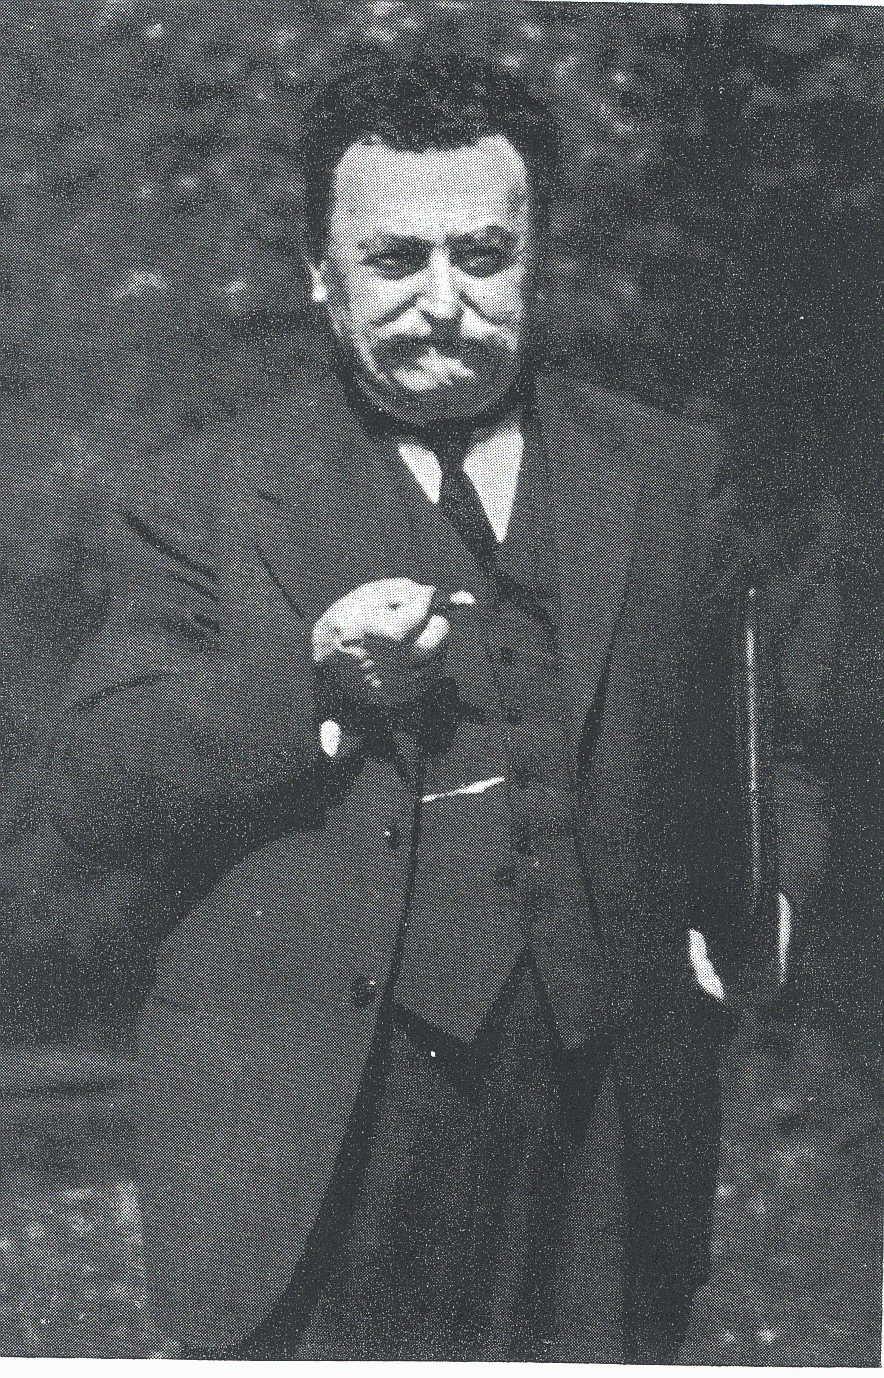 Johann Michael Reu